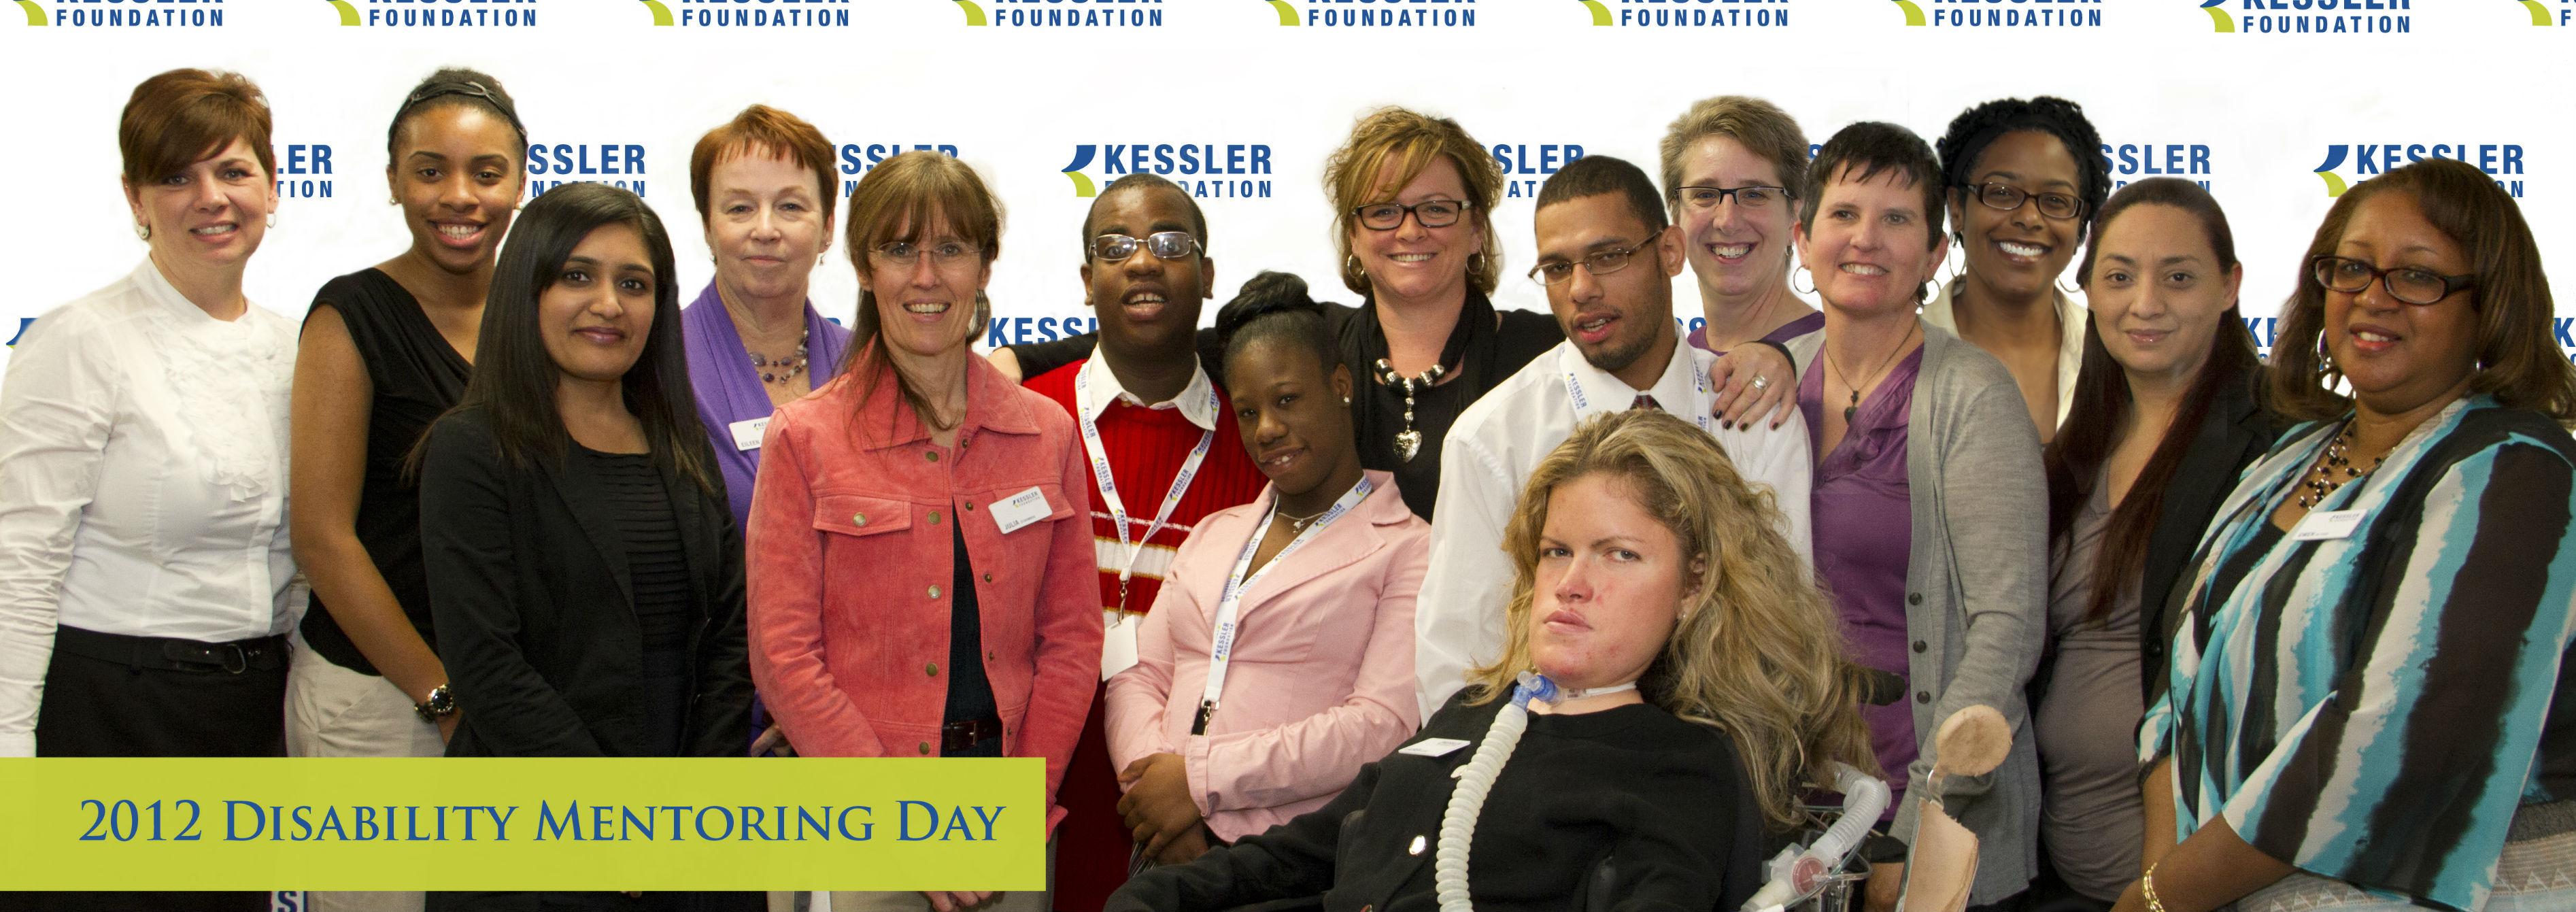 69d1cd09d01aa0e0847d_2012_Disability_Mentoring_Day.jpg